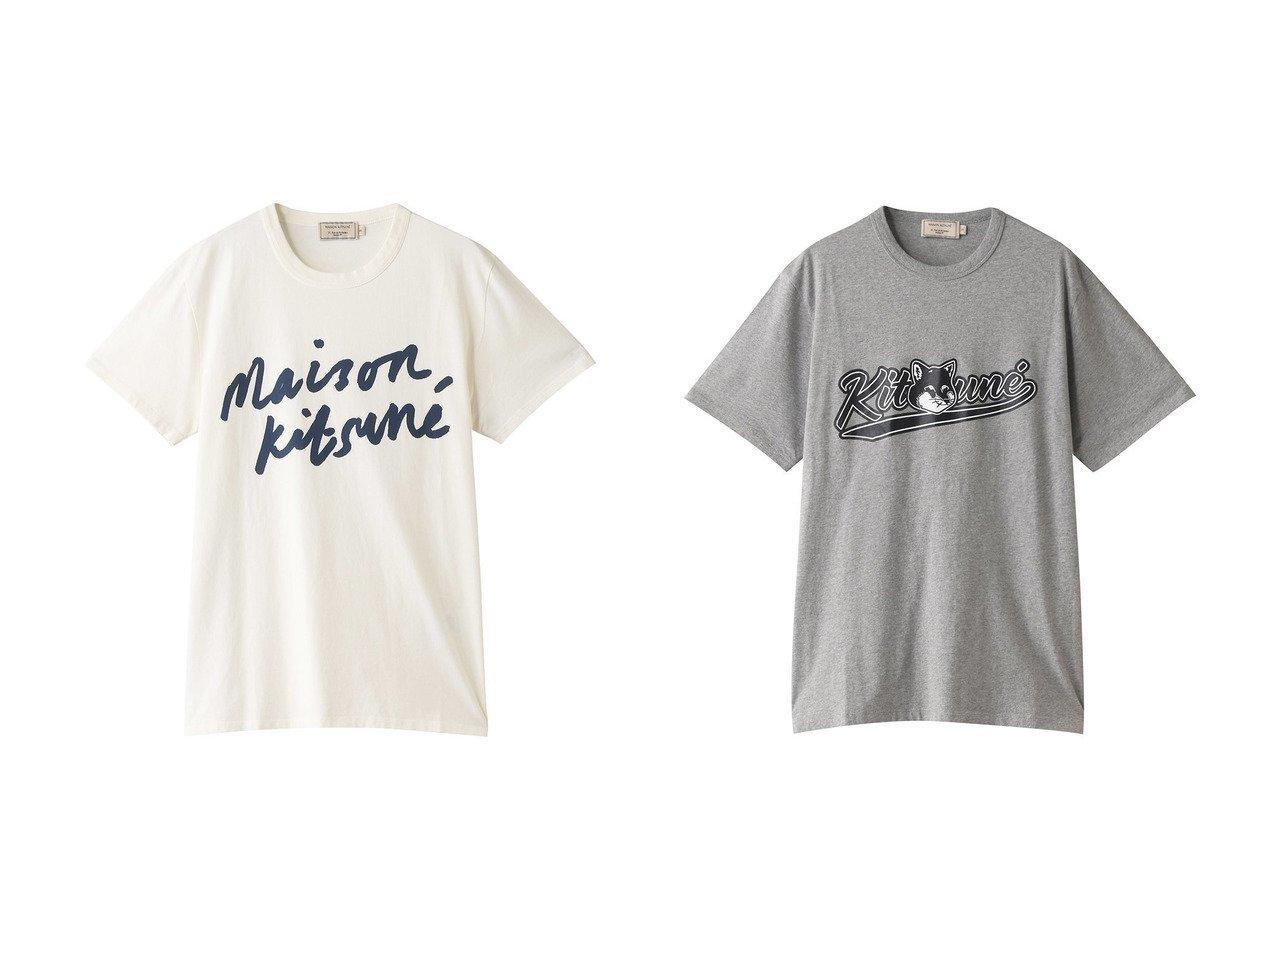 【MAISON KITSUNE / MEN/メゾン キツネ】の【MEN】HANDWRITING CLASSIC TEE-Tシャツ&【MEN】VARSITY FOX CLASSIC TEE-Tシャツ 【MEN】おすすめ!人気トレンド・男性、メンズファッションの通販 おすすめで人気の流行・トレンド、ファッションの通販商品 メンズファッション・キッズファッション・インテリア・家具・レディースファッション・服の通販 founy(ファニー) https://founy.com/ ファッション Fashion メンズファッション MEN トップス カットソー Tops Tshirt Men シャツ Shirts ショート スリーブ デニム ベーシック 定番 Standard フォックス フロント |ID:crp329100000021383